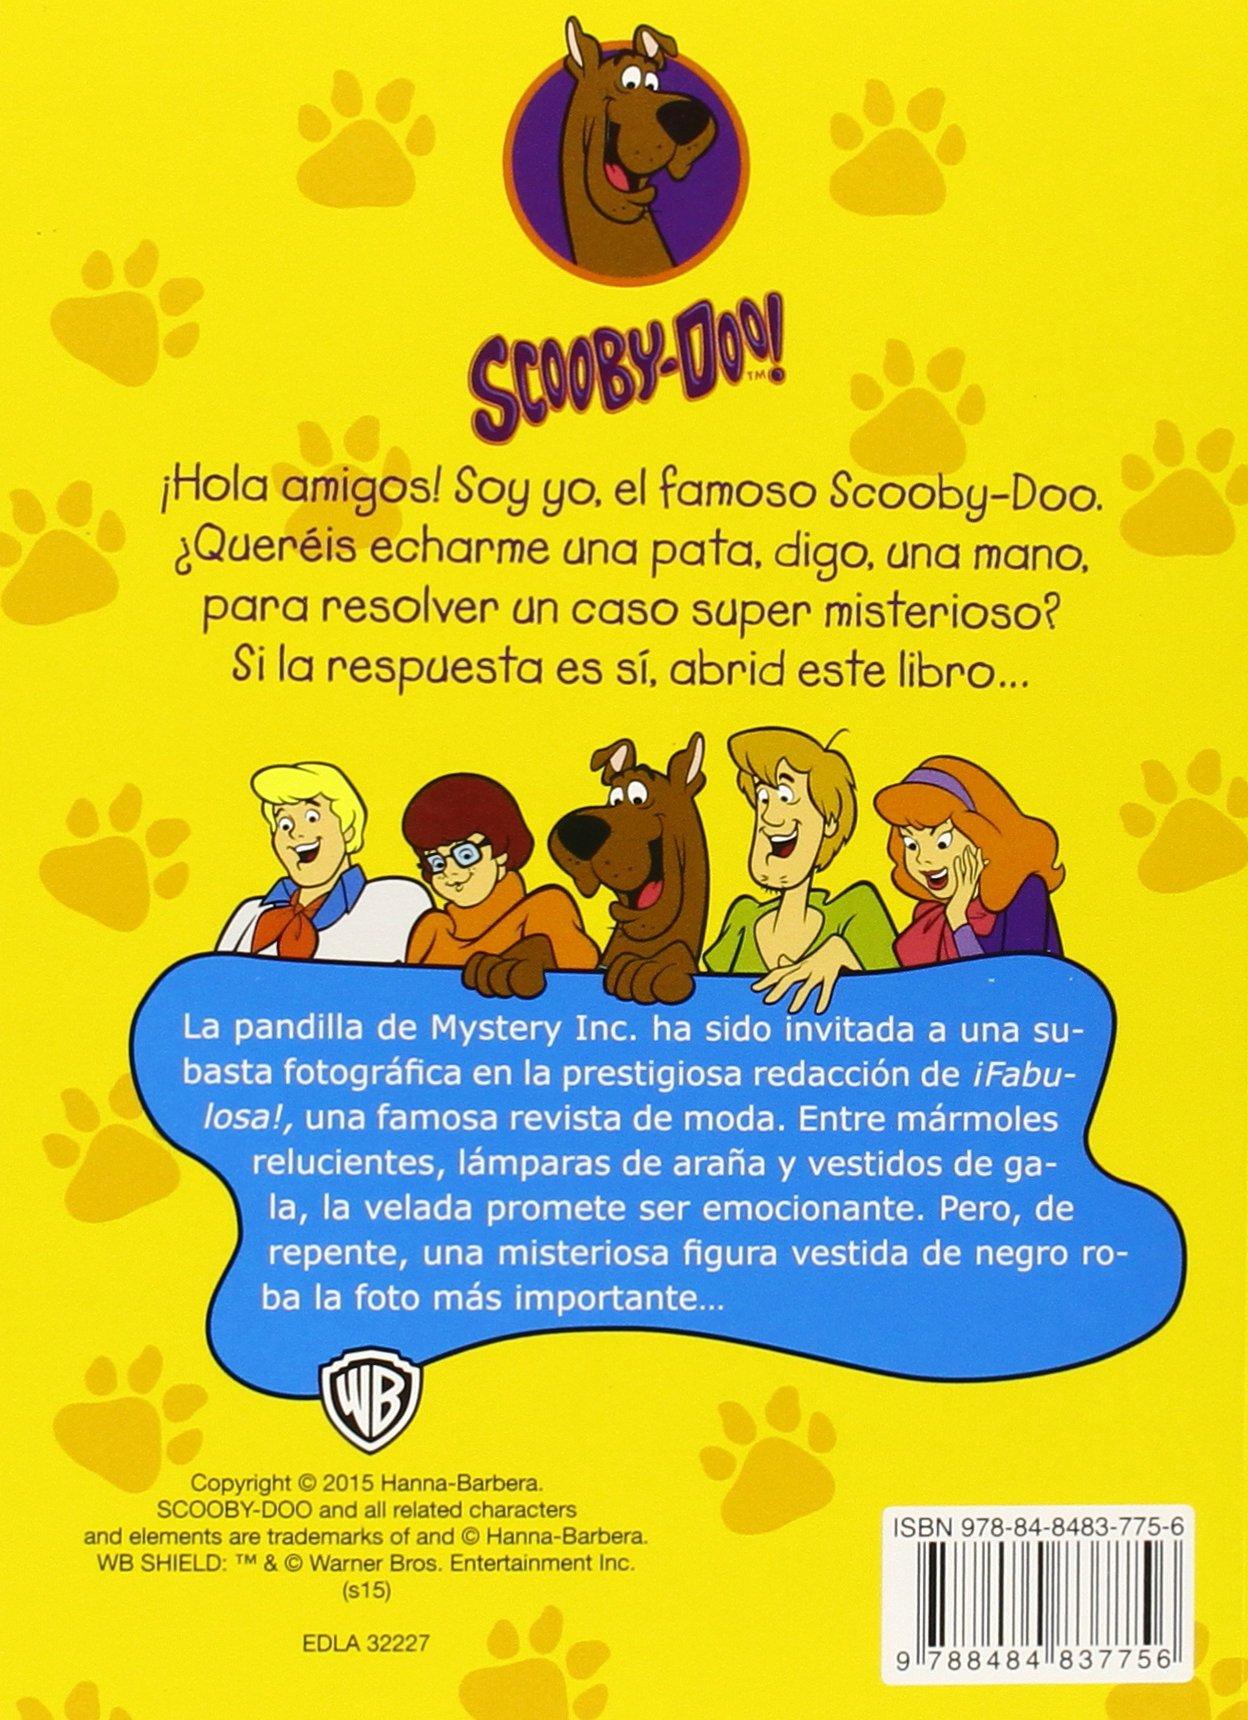 Scooby-Doo. El secreto del hombre negro (Spanish Edition): Cristina Brambilla, 1o: 9788484837756: Amazon.com: Books